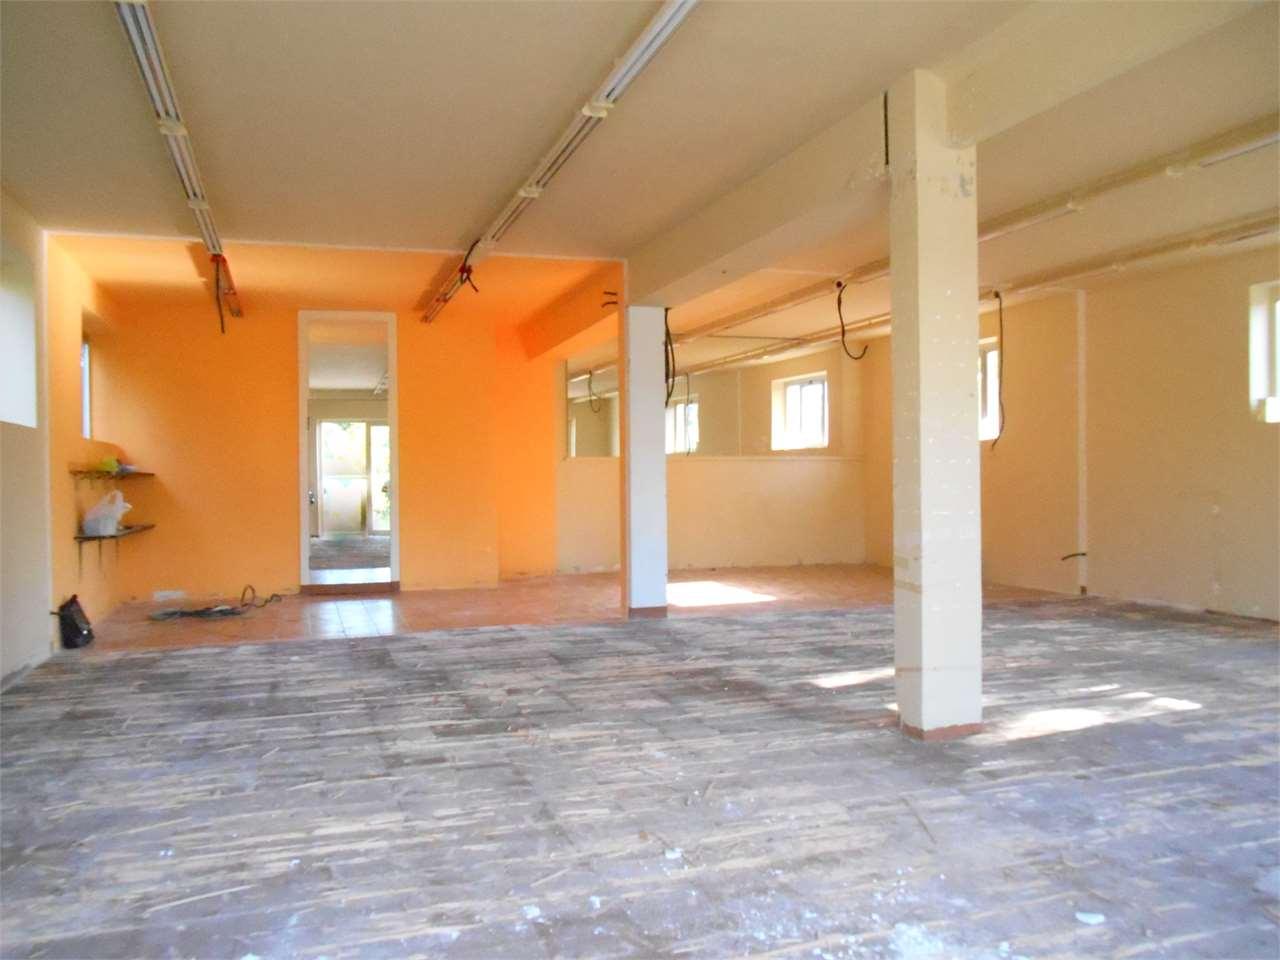 Negozio / Locale in vendita a Capannori, 2 locali, zona Località: Guamo, Trattative riservate | Cambio Casa.it